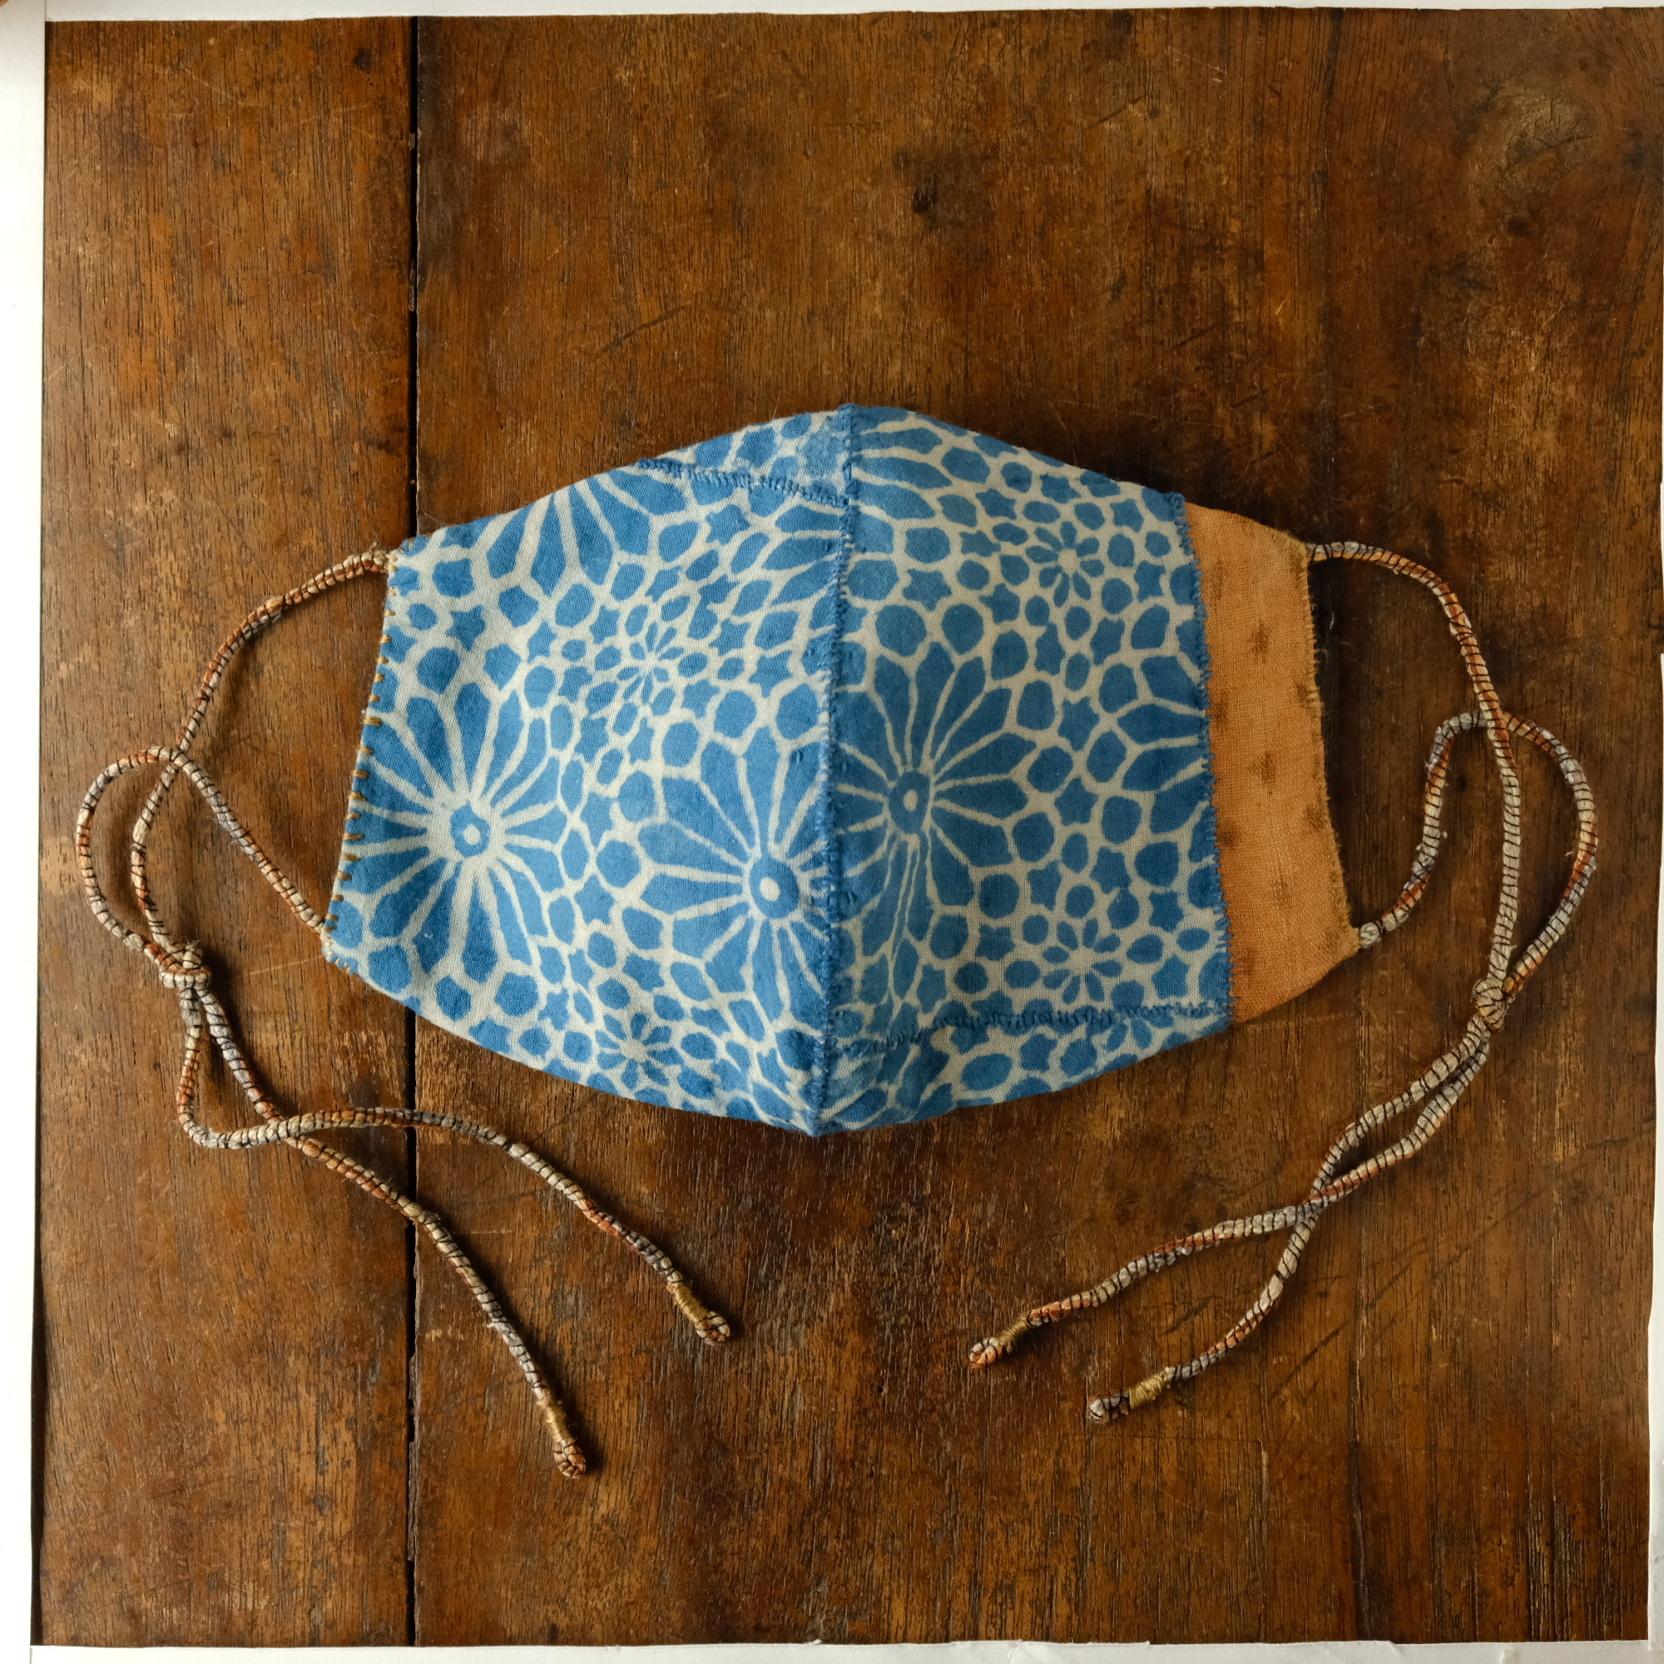 「空に花 土に星」アジュラック/柿渋麻とオーガニックコットンの手縫いマスク 男性用サイズ